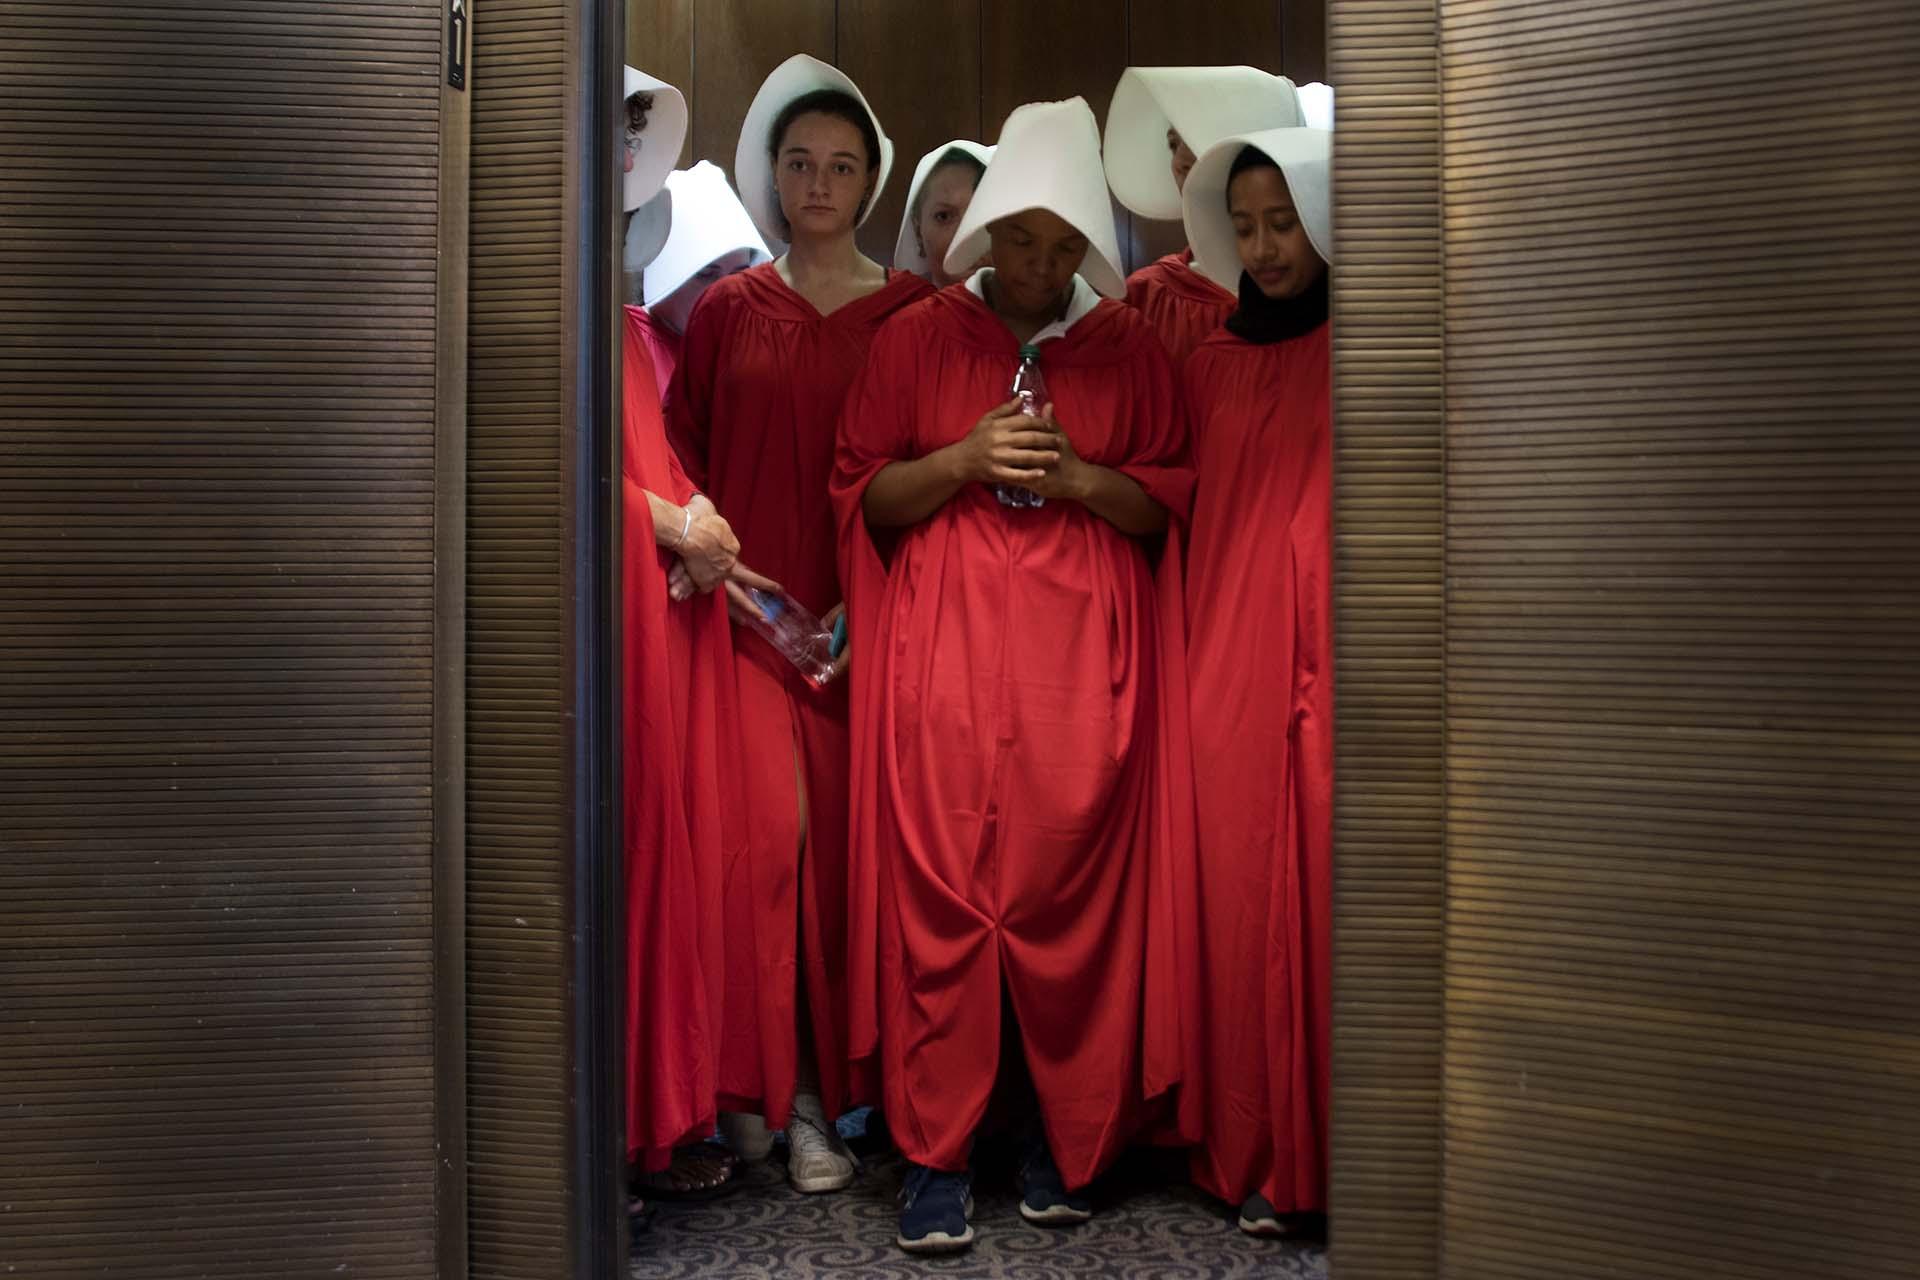 """Vestidas como personajes de la novela """"The Handmaid's Tale"""", mujeres se manifiestan en el Congreso de EEUU contra el entonces candidato a la Corte Suprema Brett Kavanaugh, acusado de abuso sexual, el 4 de septiembre de 2018"""